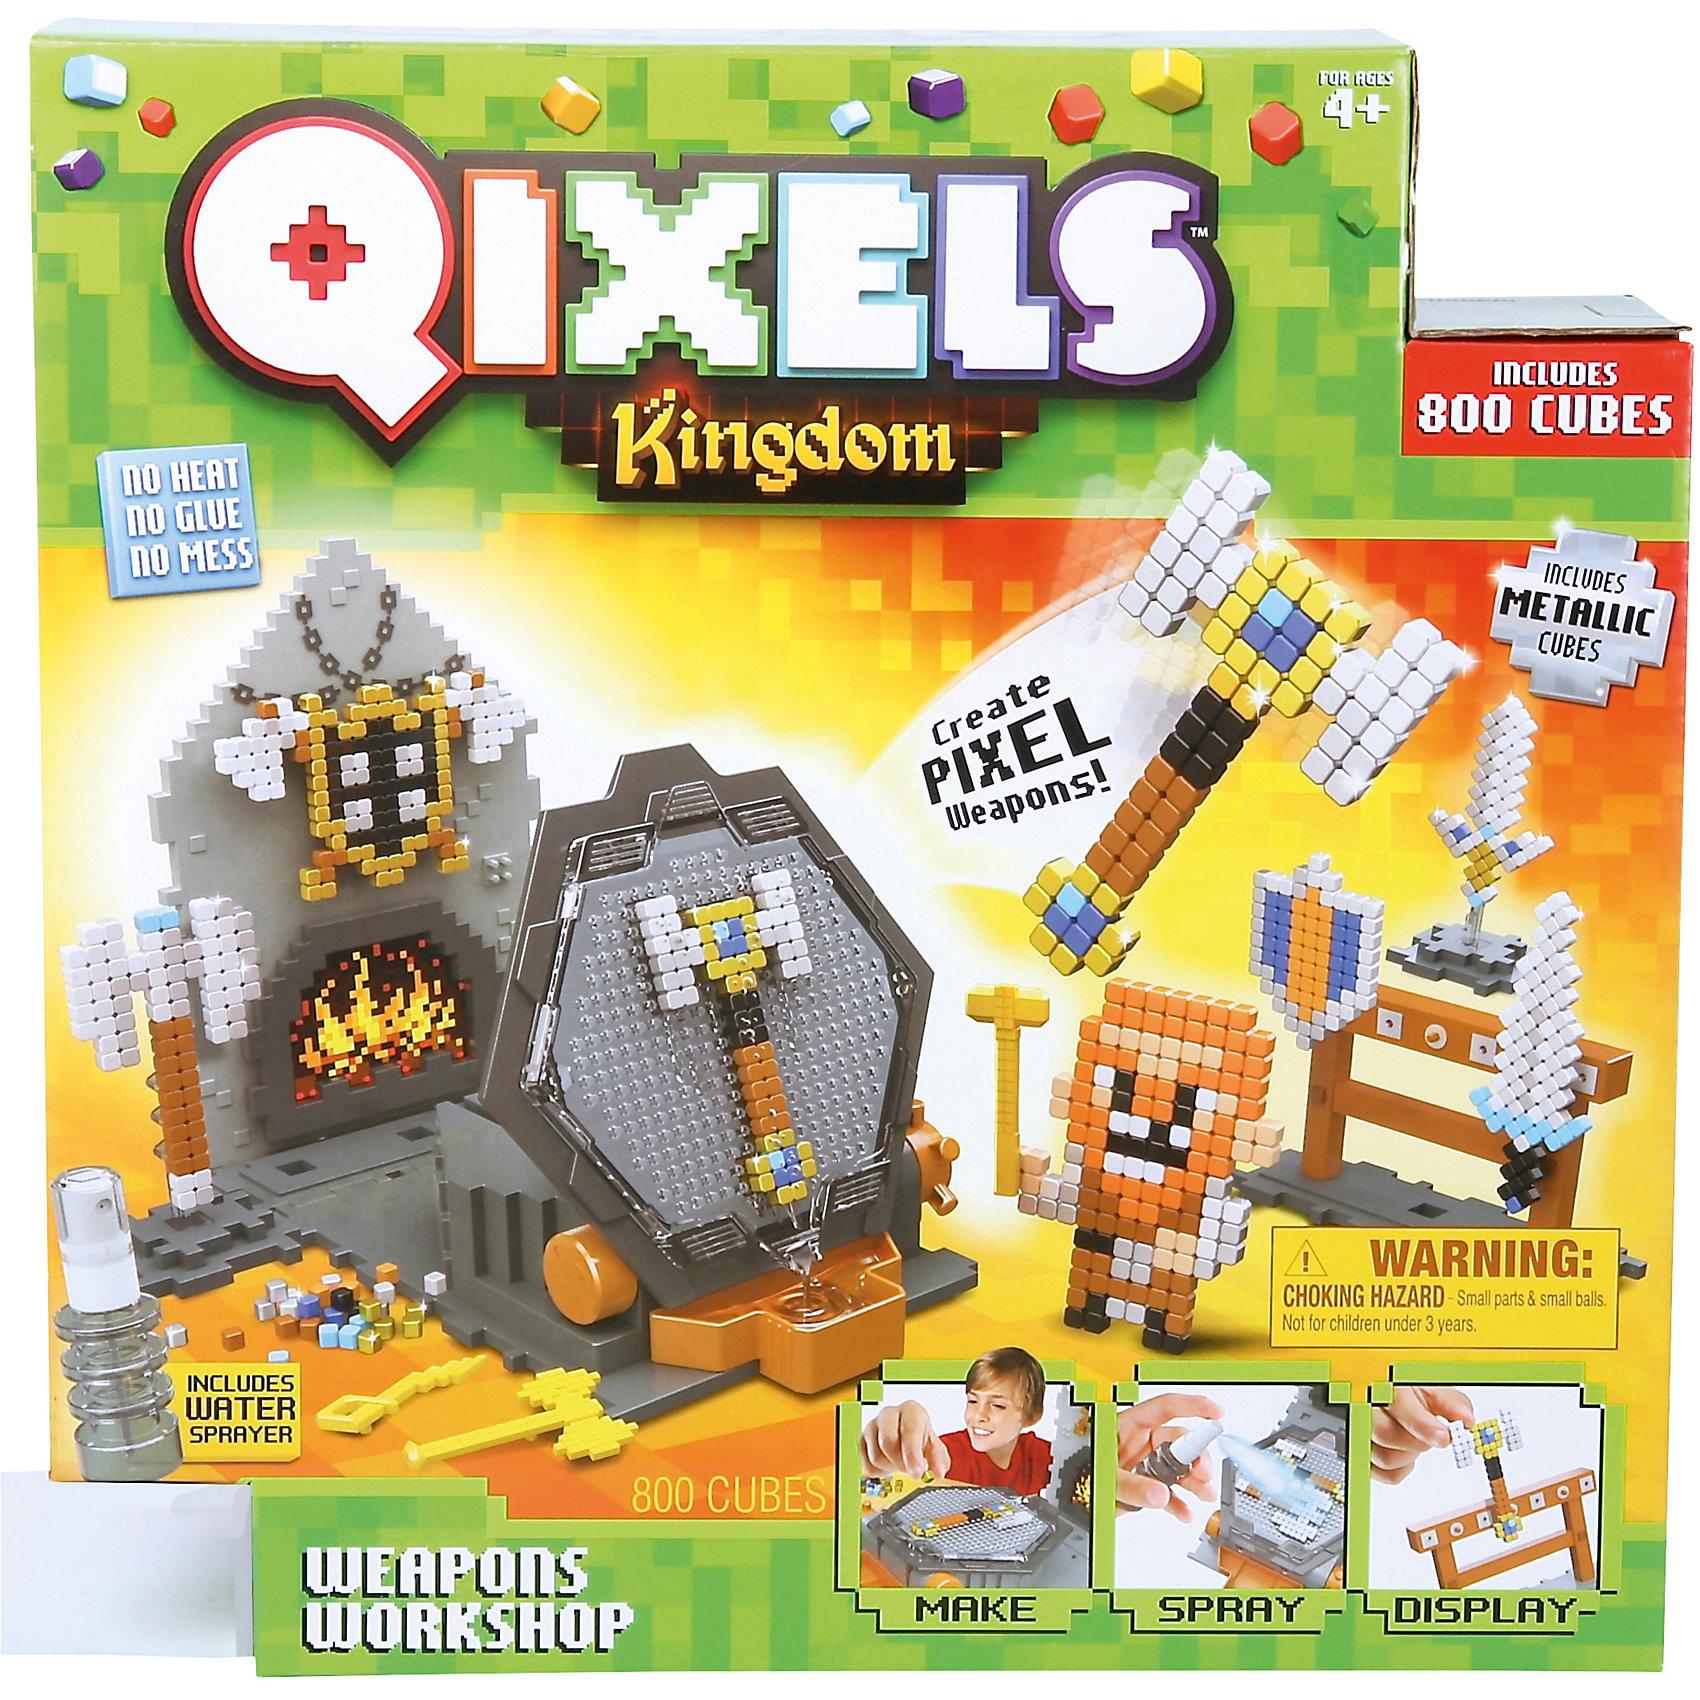 QIXELS Набор для творчества Королевство. Оружейная мастерская.Пластмассовые конструкторы<br>Qixels – кубики, которые скрепляются при помощи воды! Состав набора: 800 кубиков, распылитель воды, 6 дизайн лекал, 2 дизайн платформы, 3 опоры, 3 базы, 5 аксессуаров в виде оружия, стенд для оружия, элемент в виде пола и стены с камином, поворотный механизм для конструирования и сушки фигурок, емкость для кубиков и инструкция.<br><br>Ширина мм: 80<br>Глубина мм: 290<br>Высота мм: 290<br>Вес г: 890<br>Возраст от месяцев: 60<br>Возраст до месяцев: 1188<br>Пол: Унисекс<br>Возраст: Детский<br>SKU: 6742243